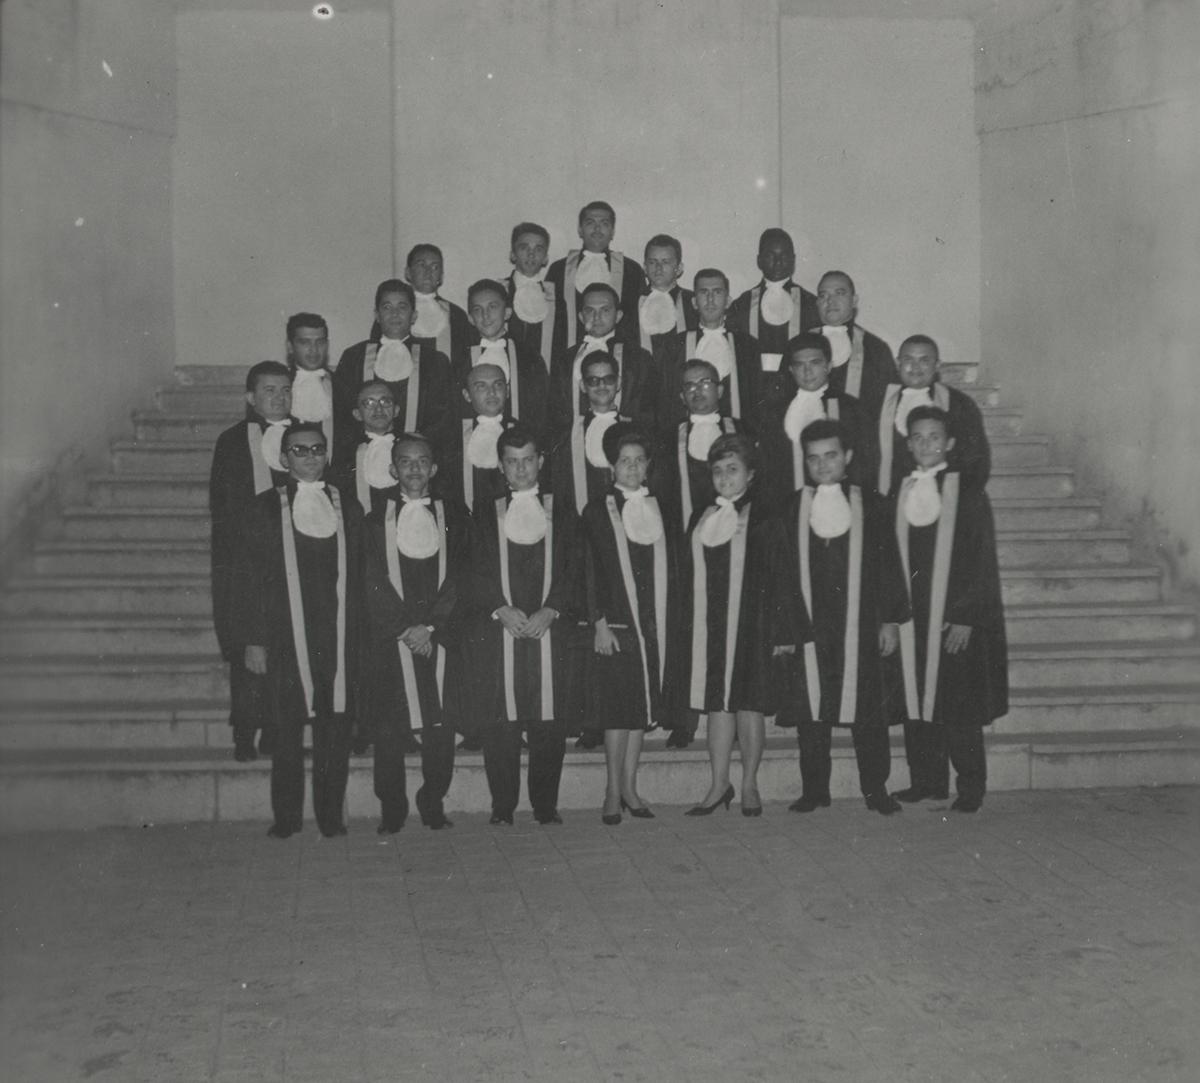 Faculdade de Filosofia do Crato (Solenidade de Colação de Grau - 20-12-1964)